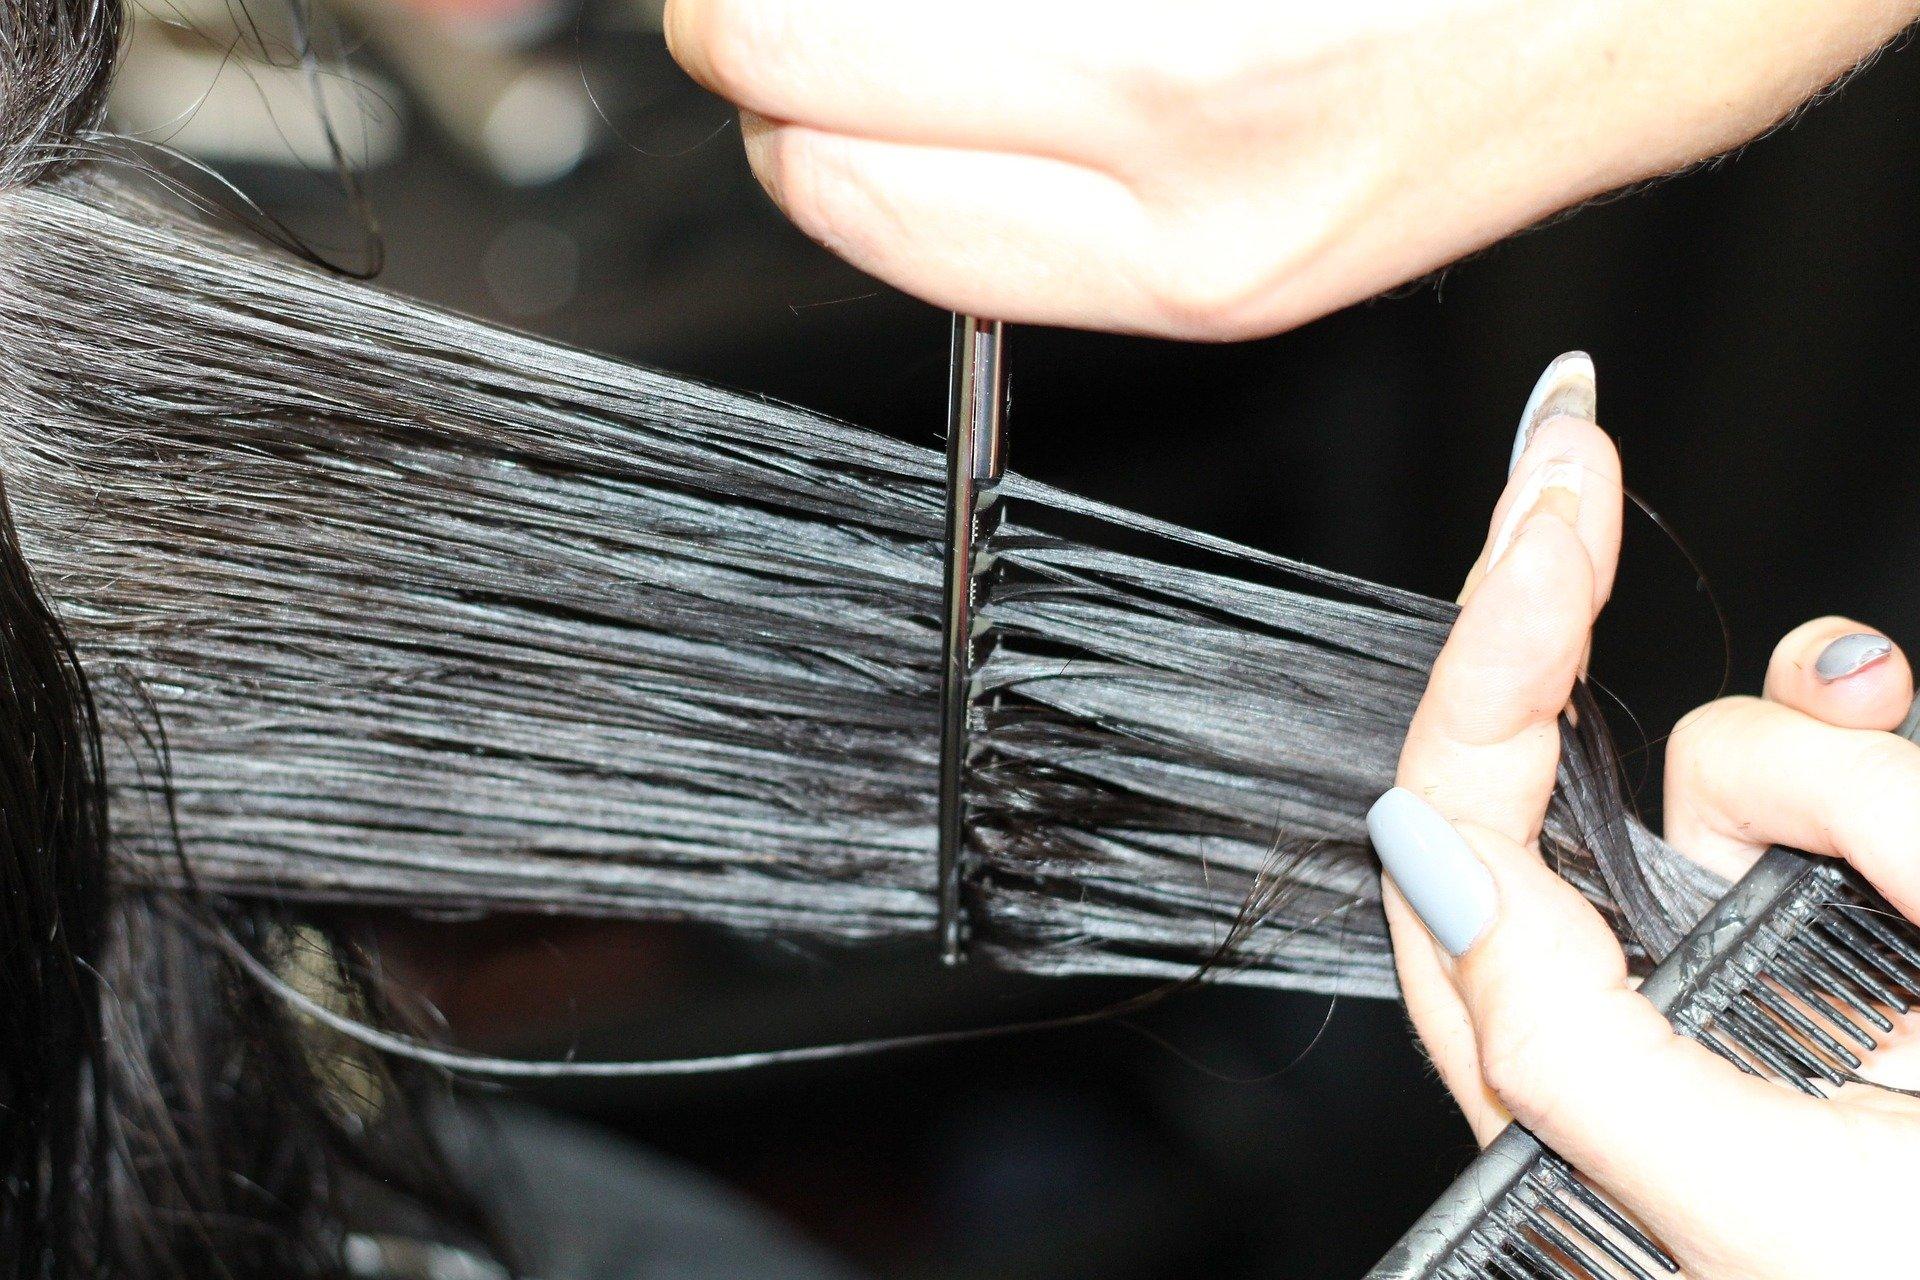 F&M Hairdressing: Popular salon near Glasgow shuts amid Covid concerns